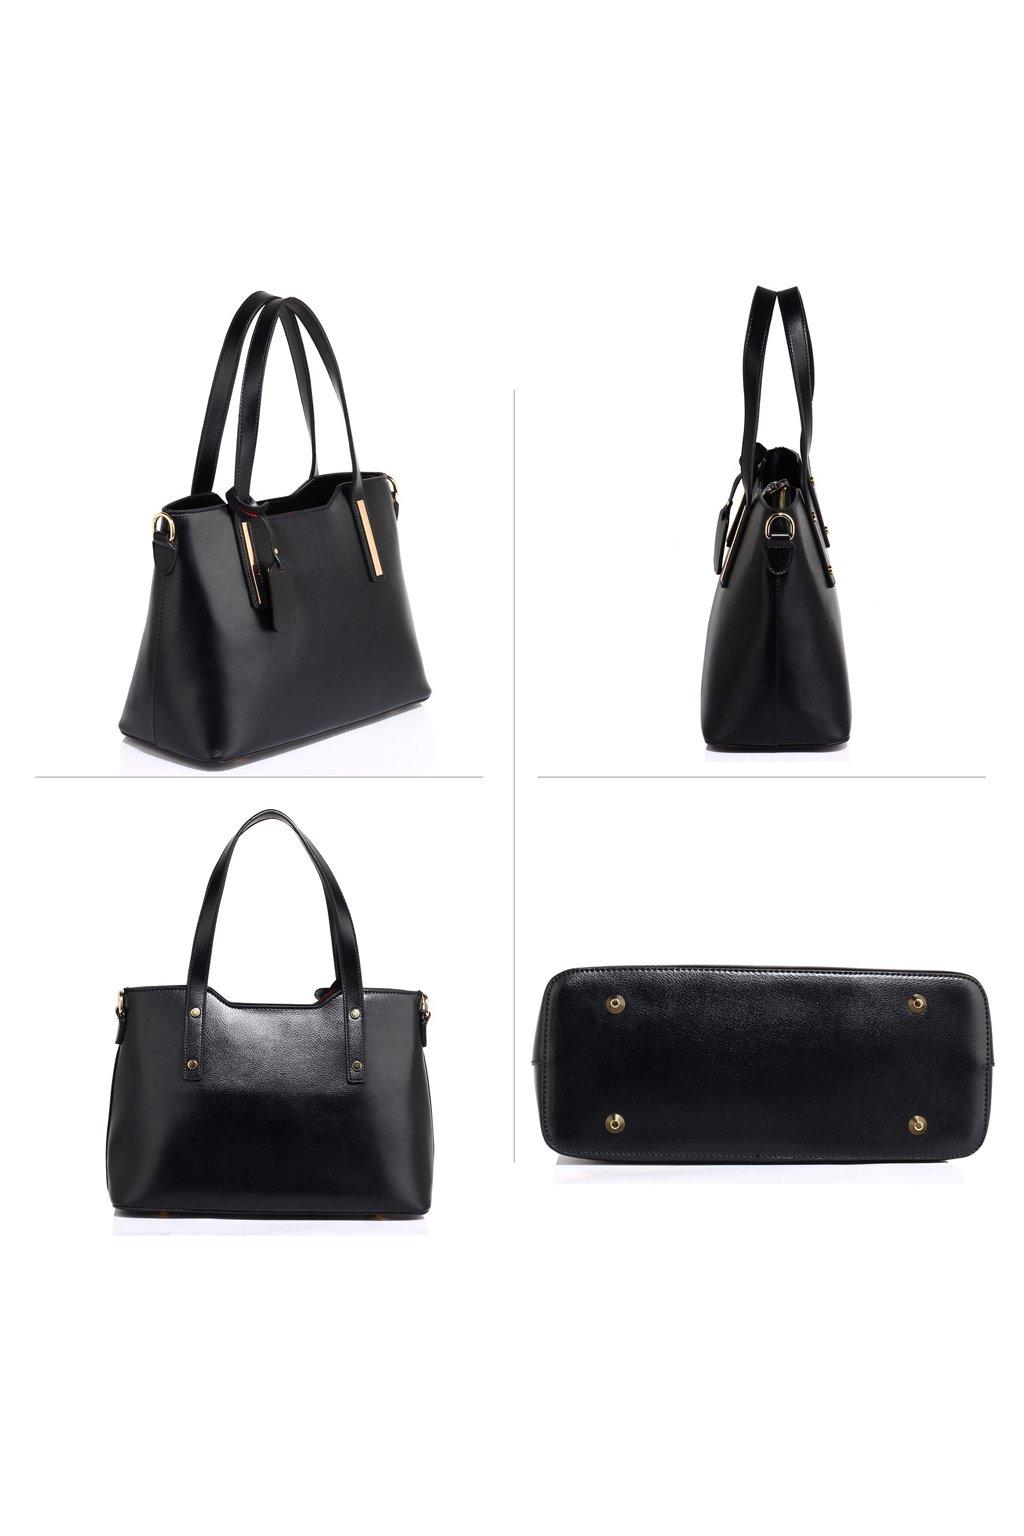 2bdc2374705b Trendy kabelka na rameno Nancie čierna AG00528